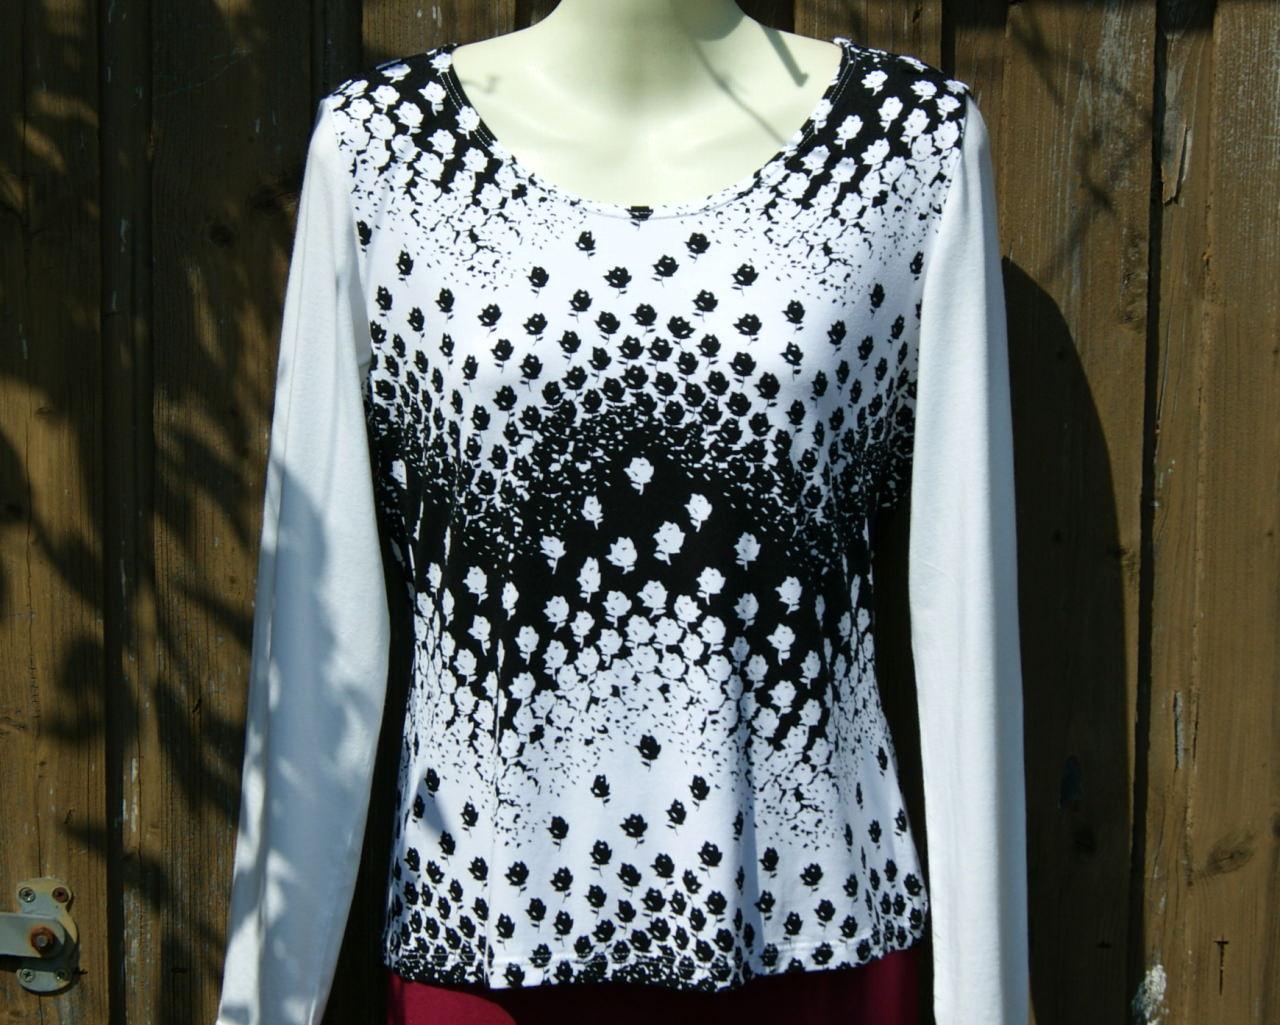 - Shirt ROSEN-WELLEN weiß, schwarz Gr. M - Shirt ROSEN-WELLEN weiß, schwarz Gr. M